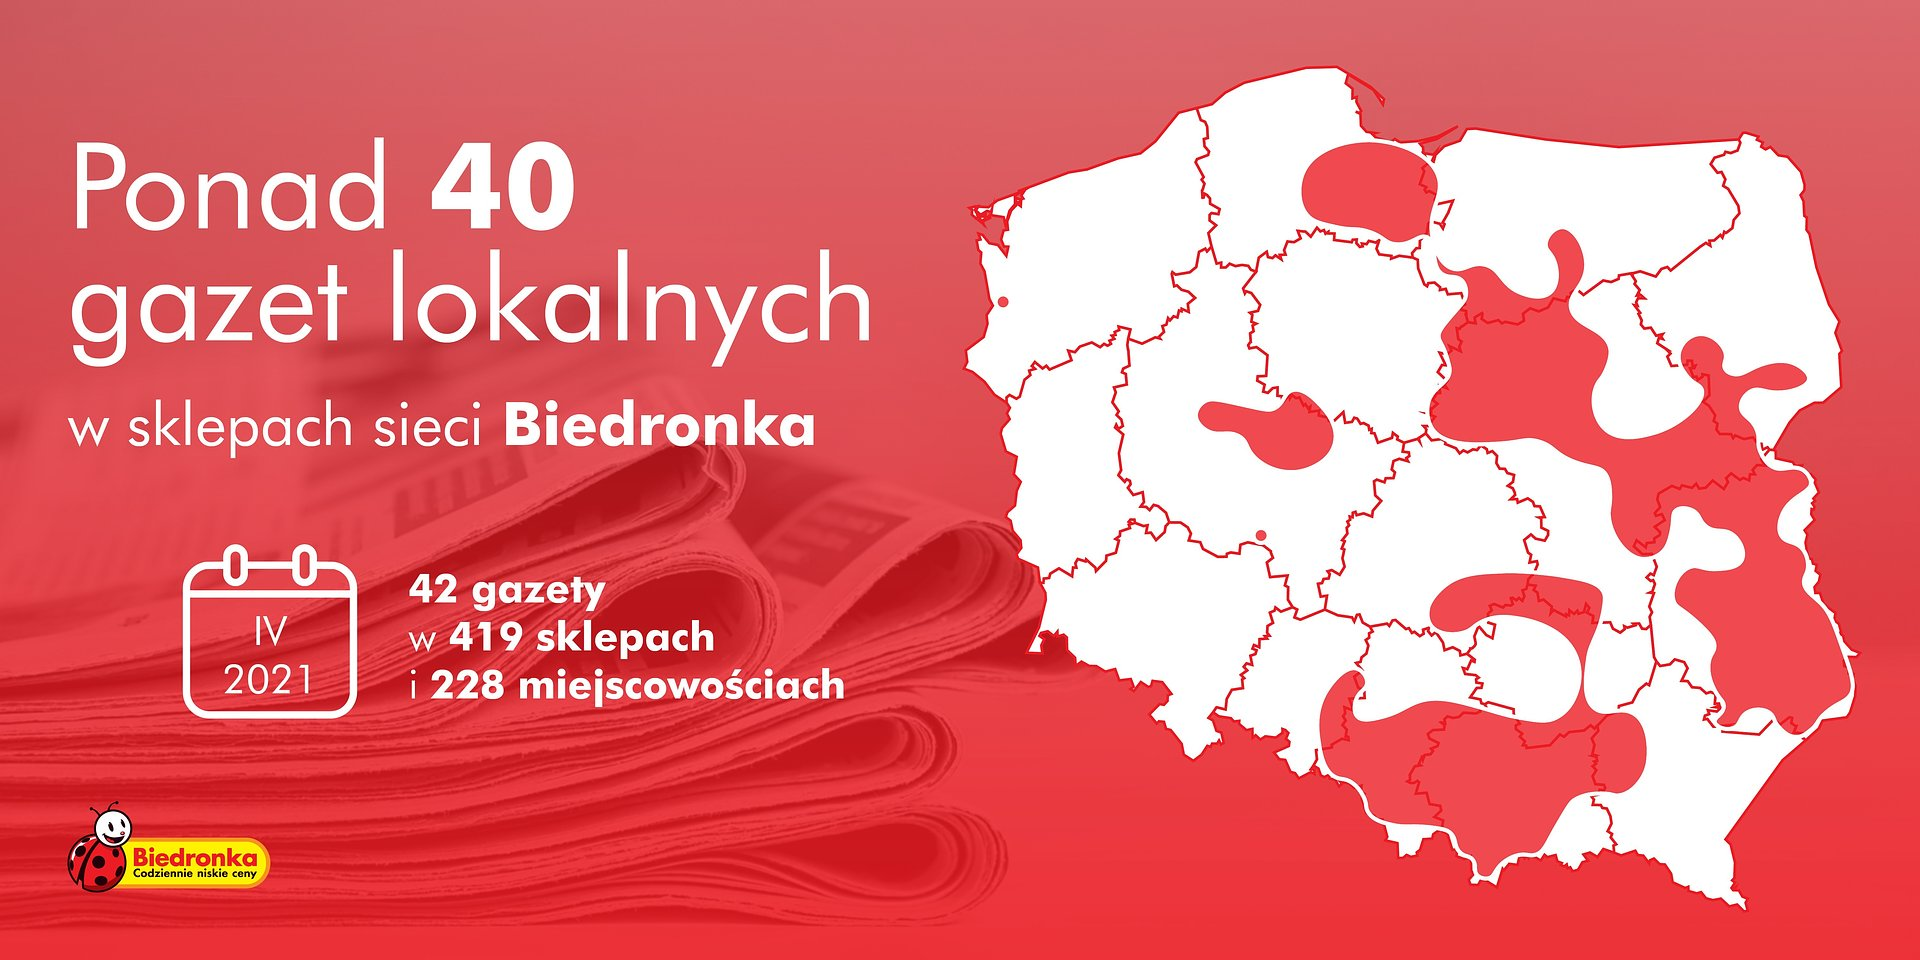 Jeszcze więcej gazet lokalnych w sklepach sieci Biedronka